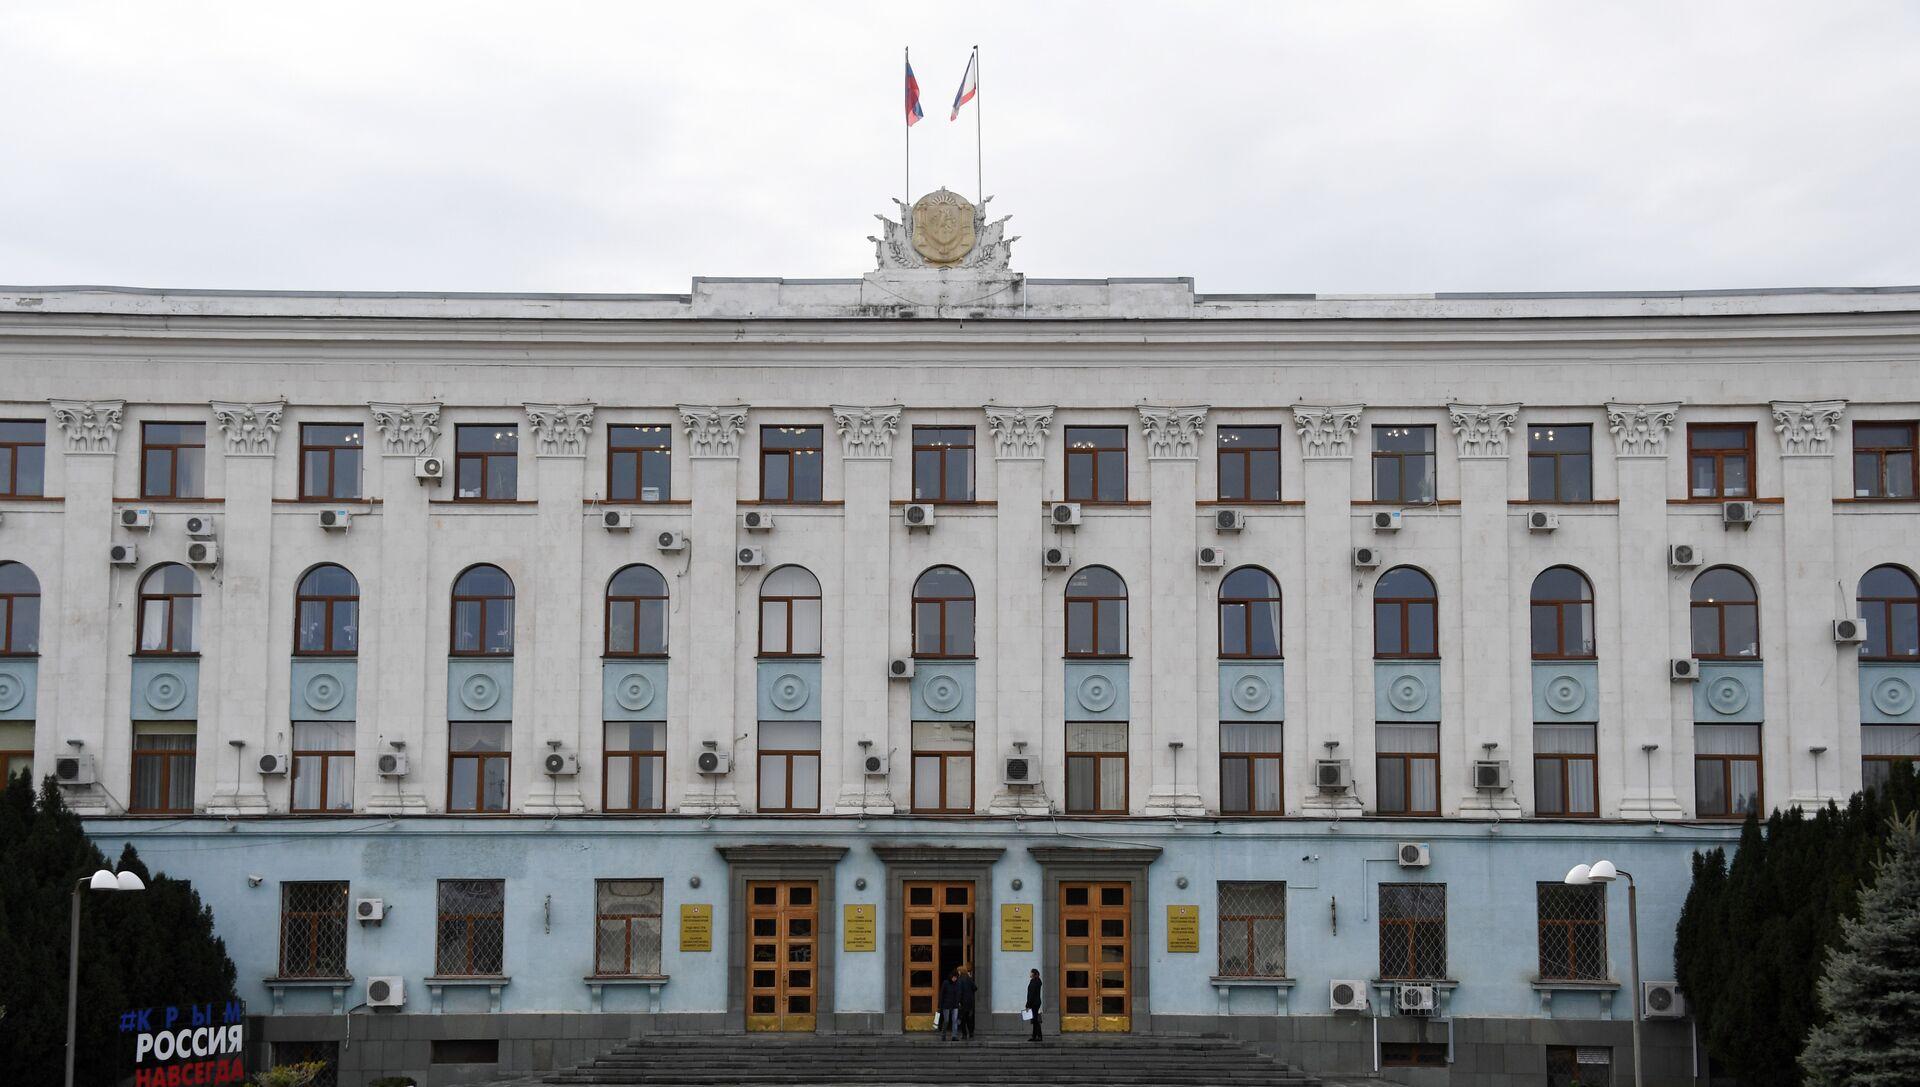 Совет министров Республики Крым. - РИА Новости, 1920, 16.12.2020